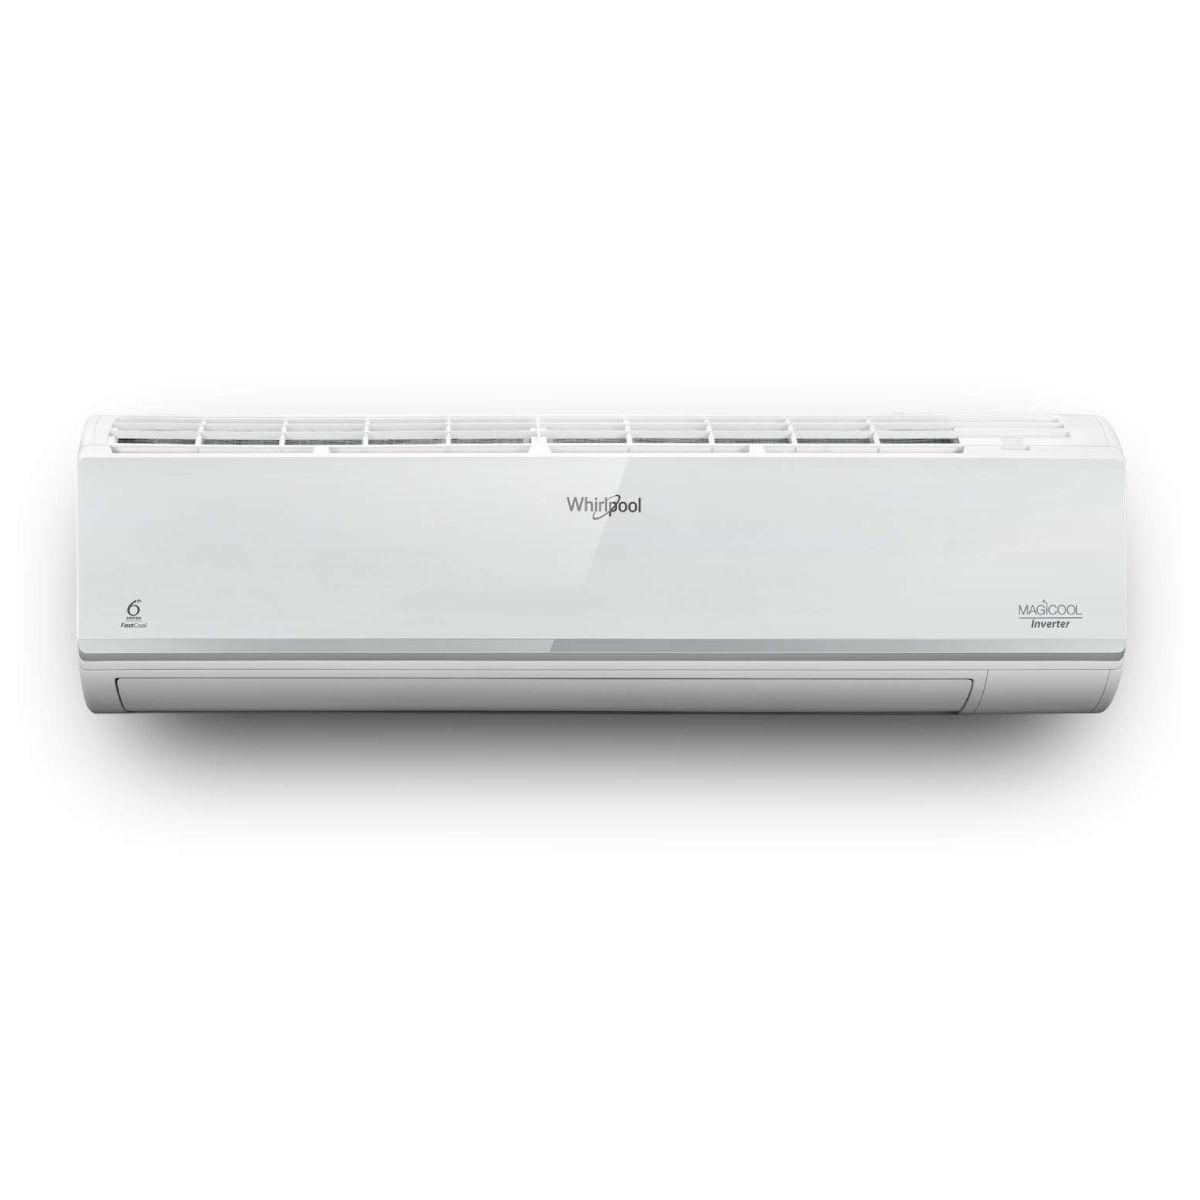 व्हर्लपूल Magicool Pro Plus SAI18B39MC1 1.5 Ton 3 Star Inverter Split Air Conditioner